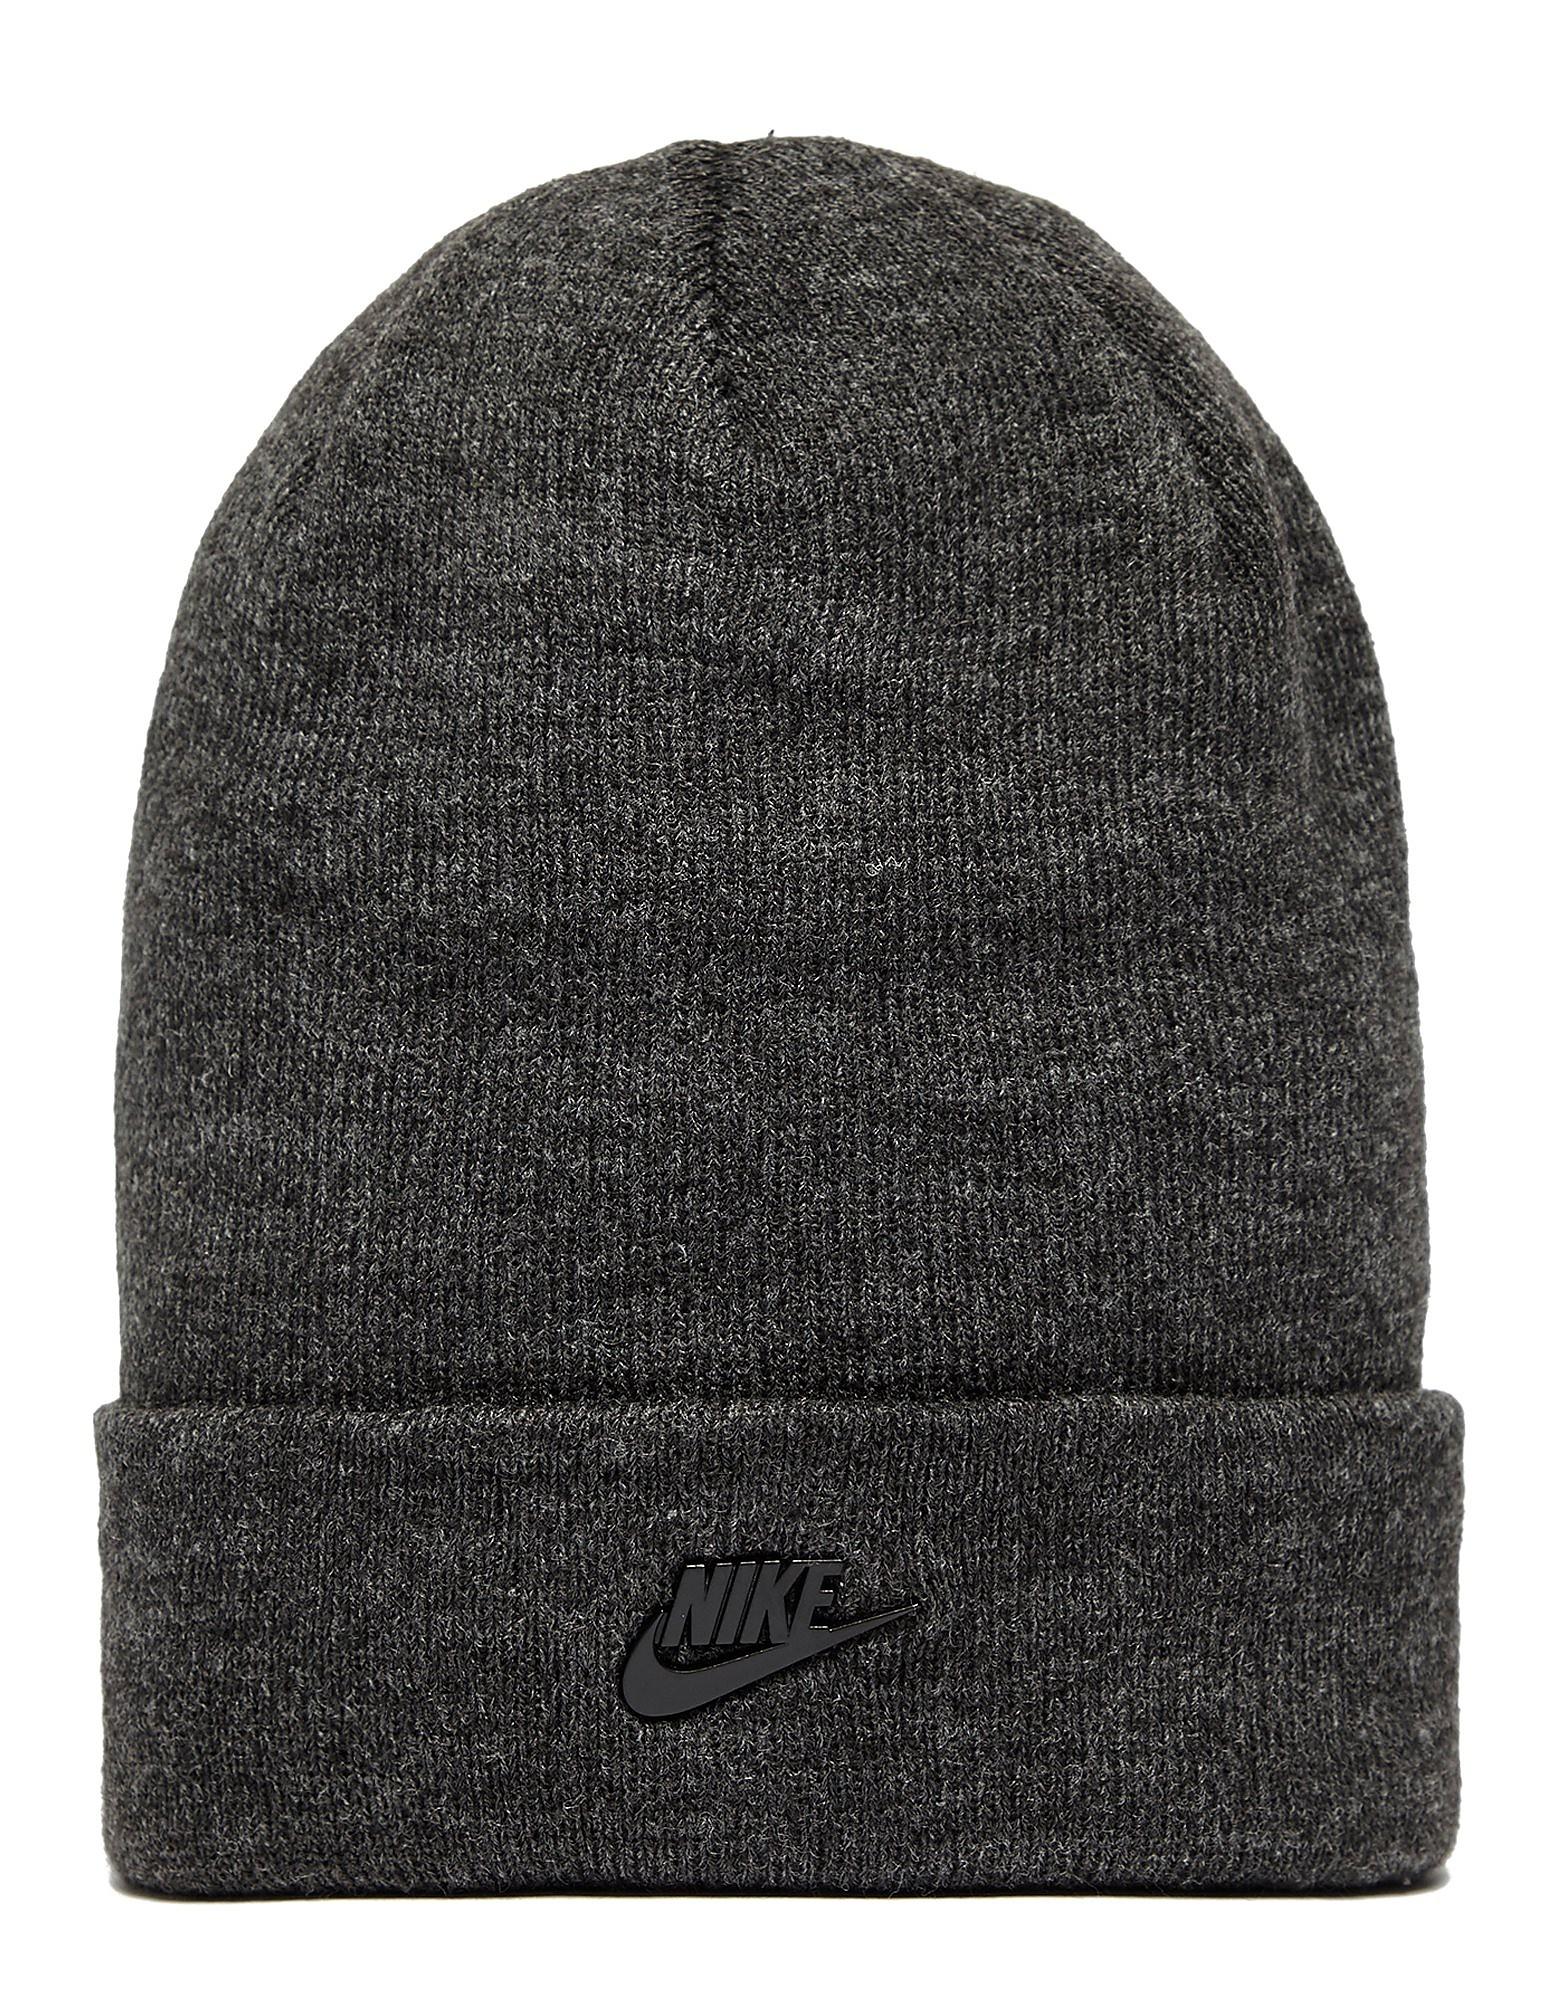 Nike gorro de lana Futura